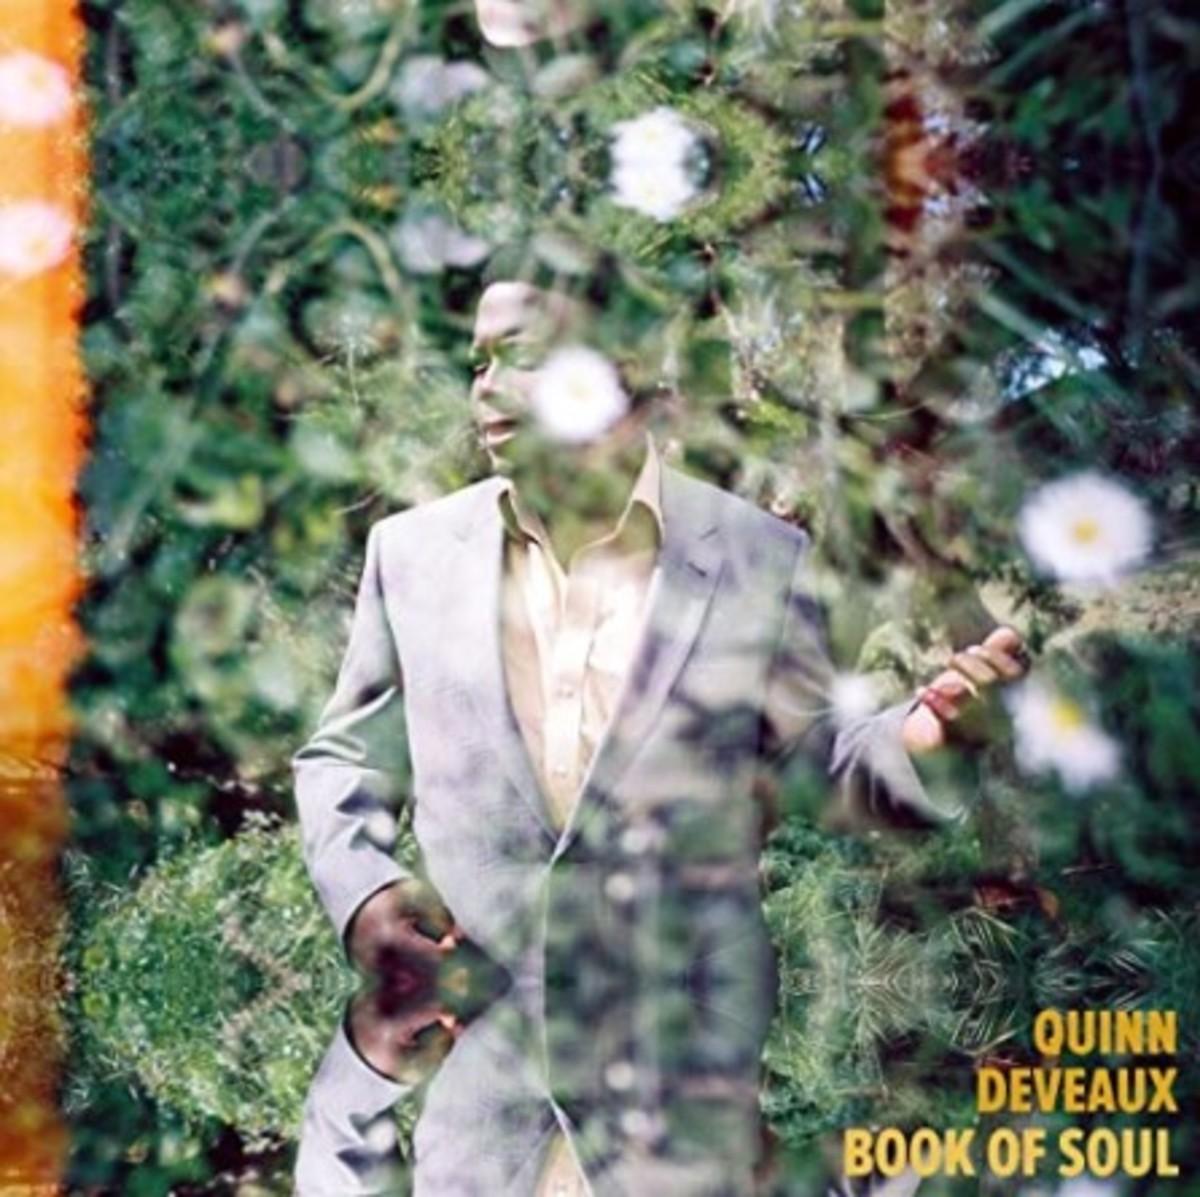 Quinn album cover